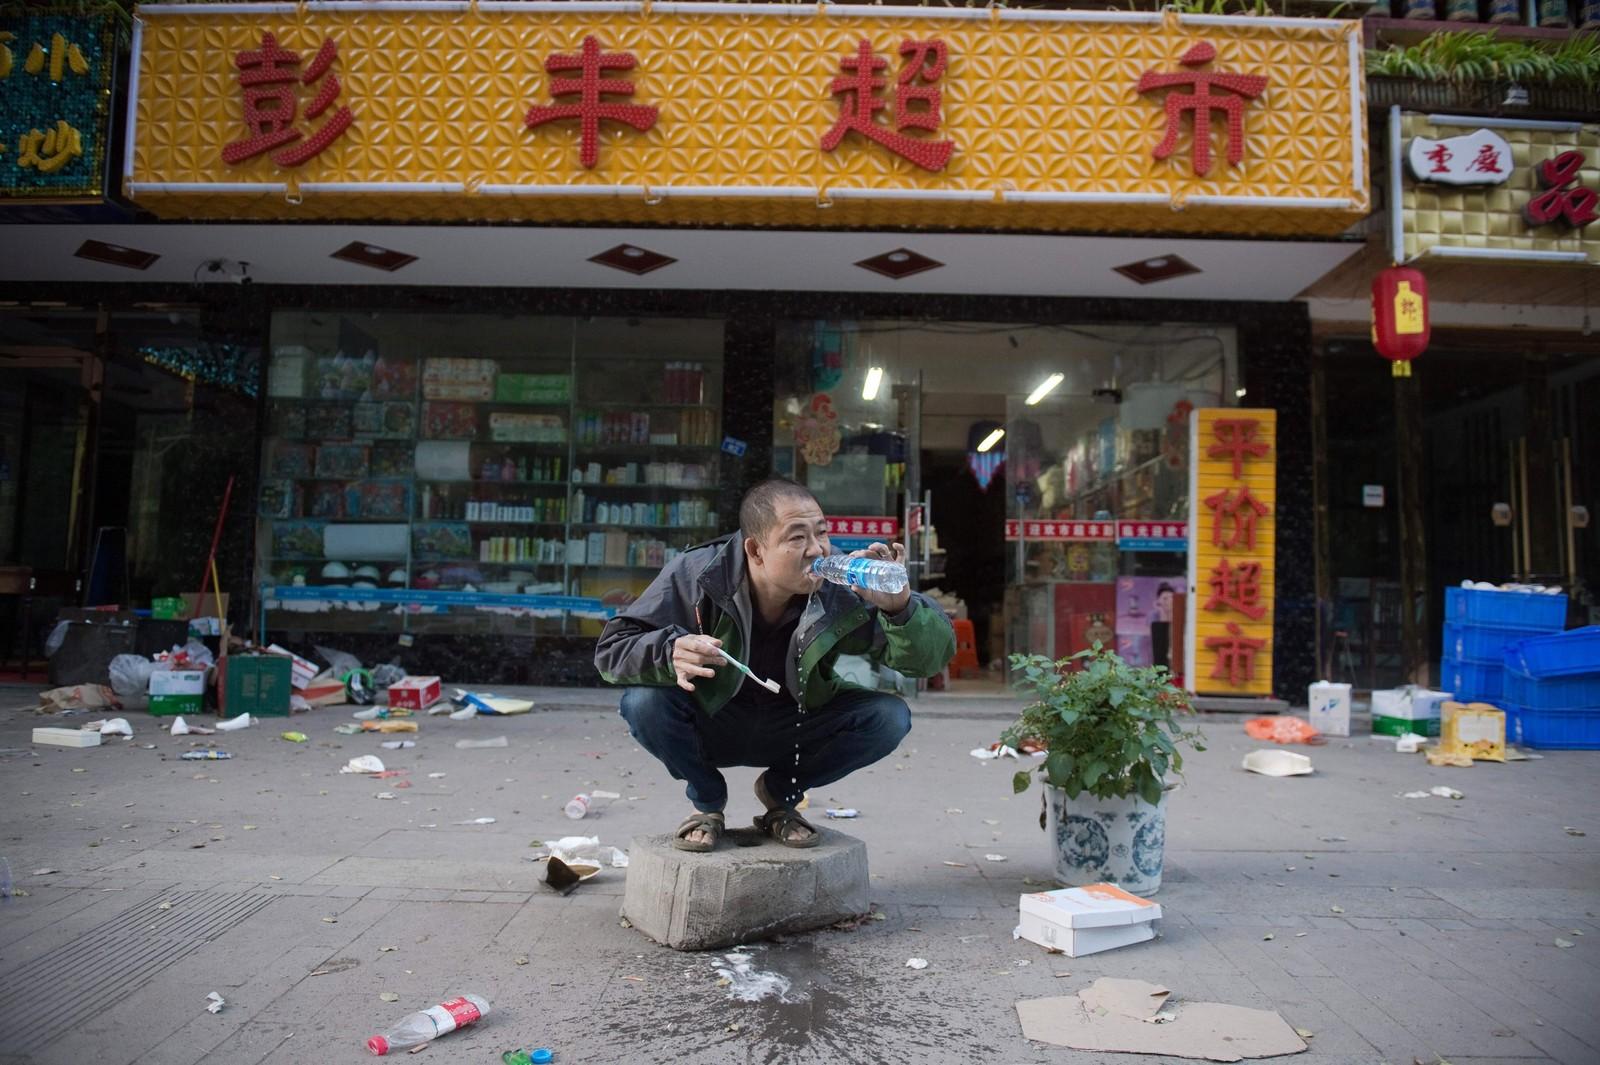 En mann pusser tennene på gaten utenfor butikken sin i Zhangzha etter jordskjelvet som tirsdag rammet Sichuan-provinsen i Kina. Jordskjelvet hadde en styrke på 6,5. Minst 19 er bekreftet døde og 250 skadd, men dødstallene er ventet å stige.